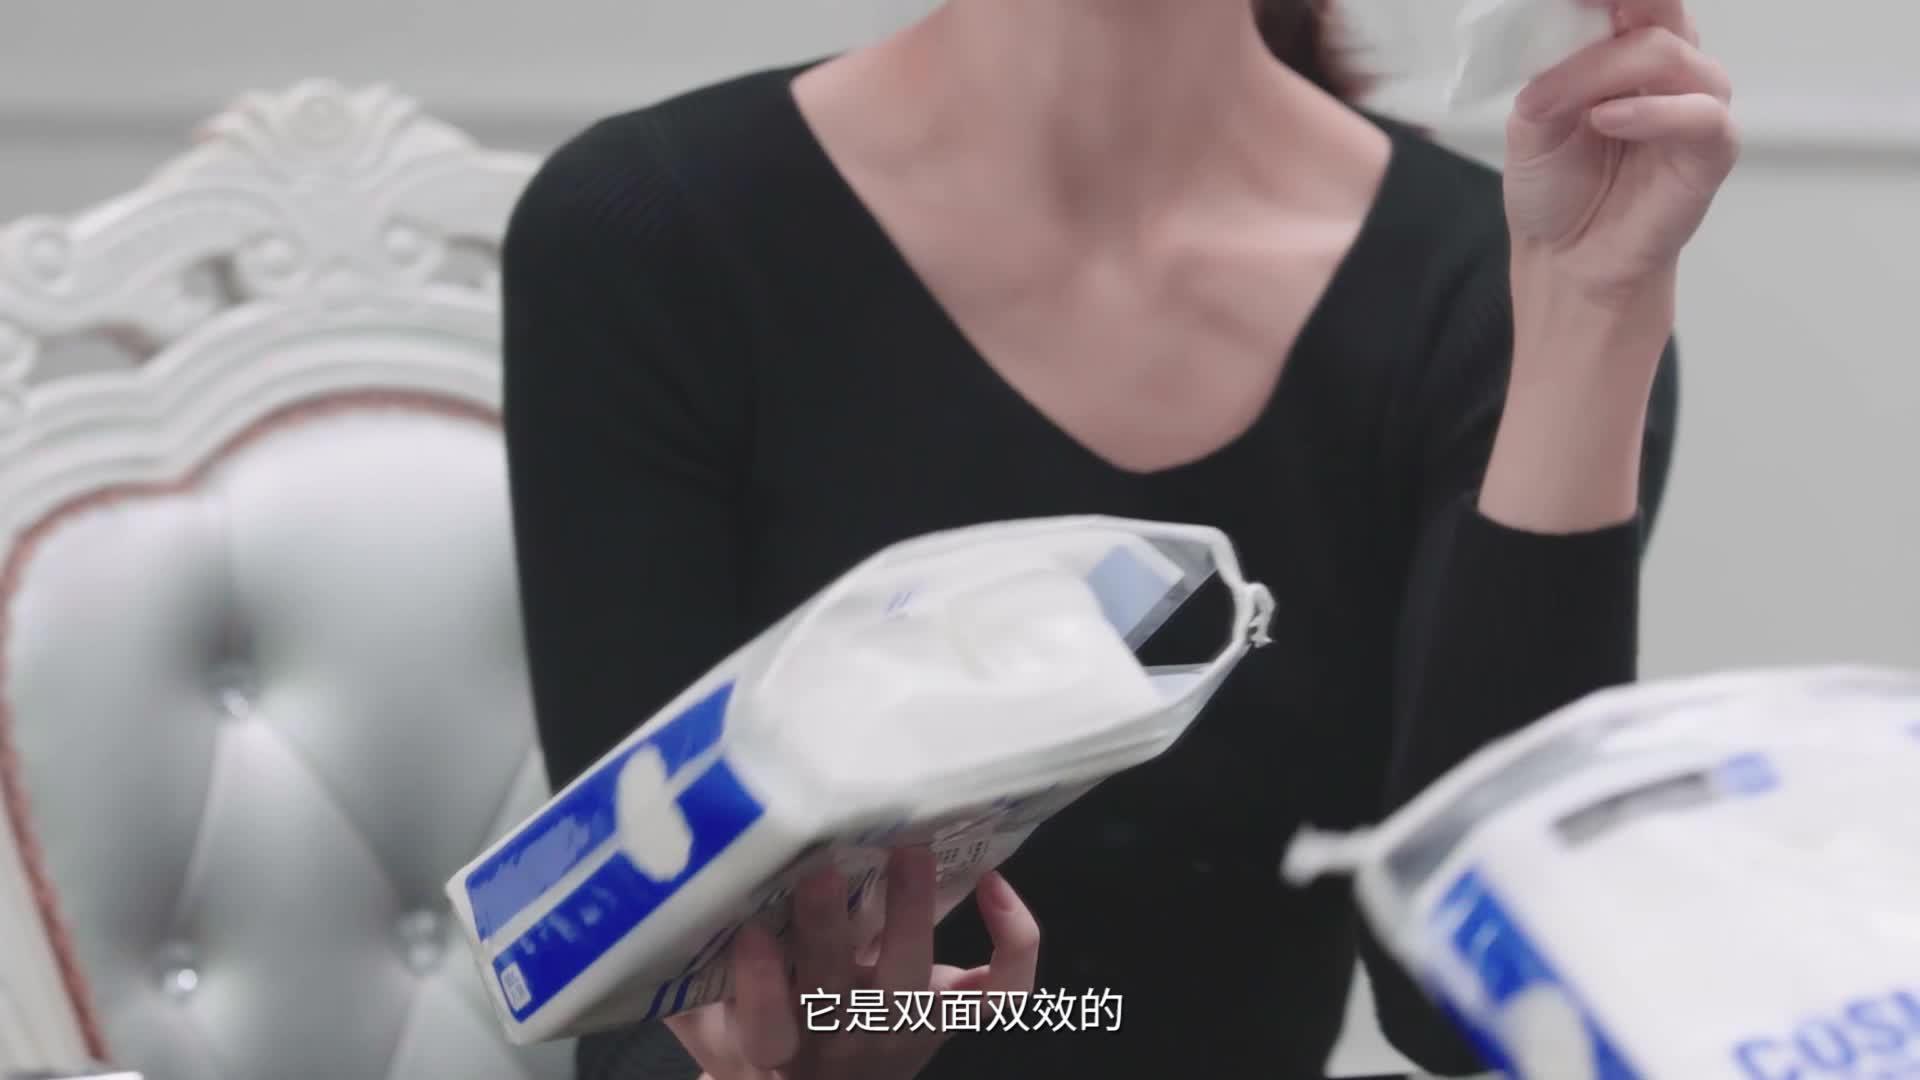 BLD कपास पैड चेहरे की सफाई मेकअप हटाने वाइपर नायर कला पोलिश उमड़ना वर्ग डबल पक्षों 200 pcs/बैग